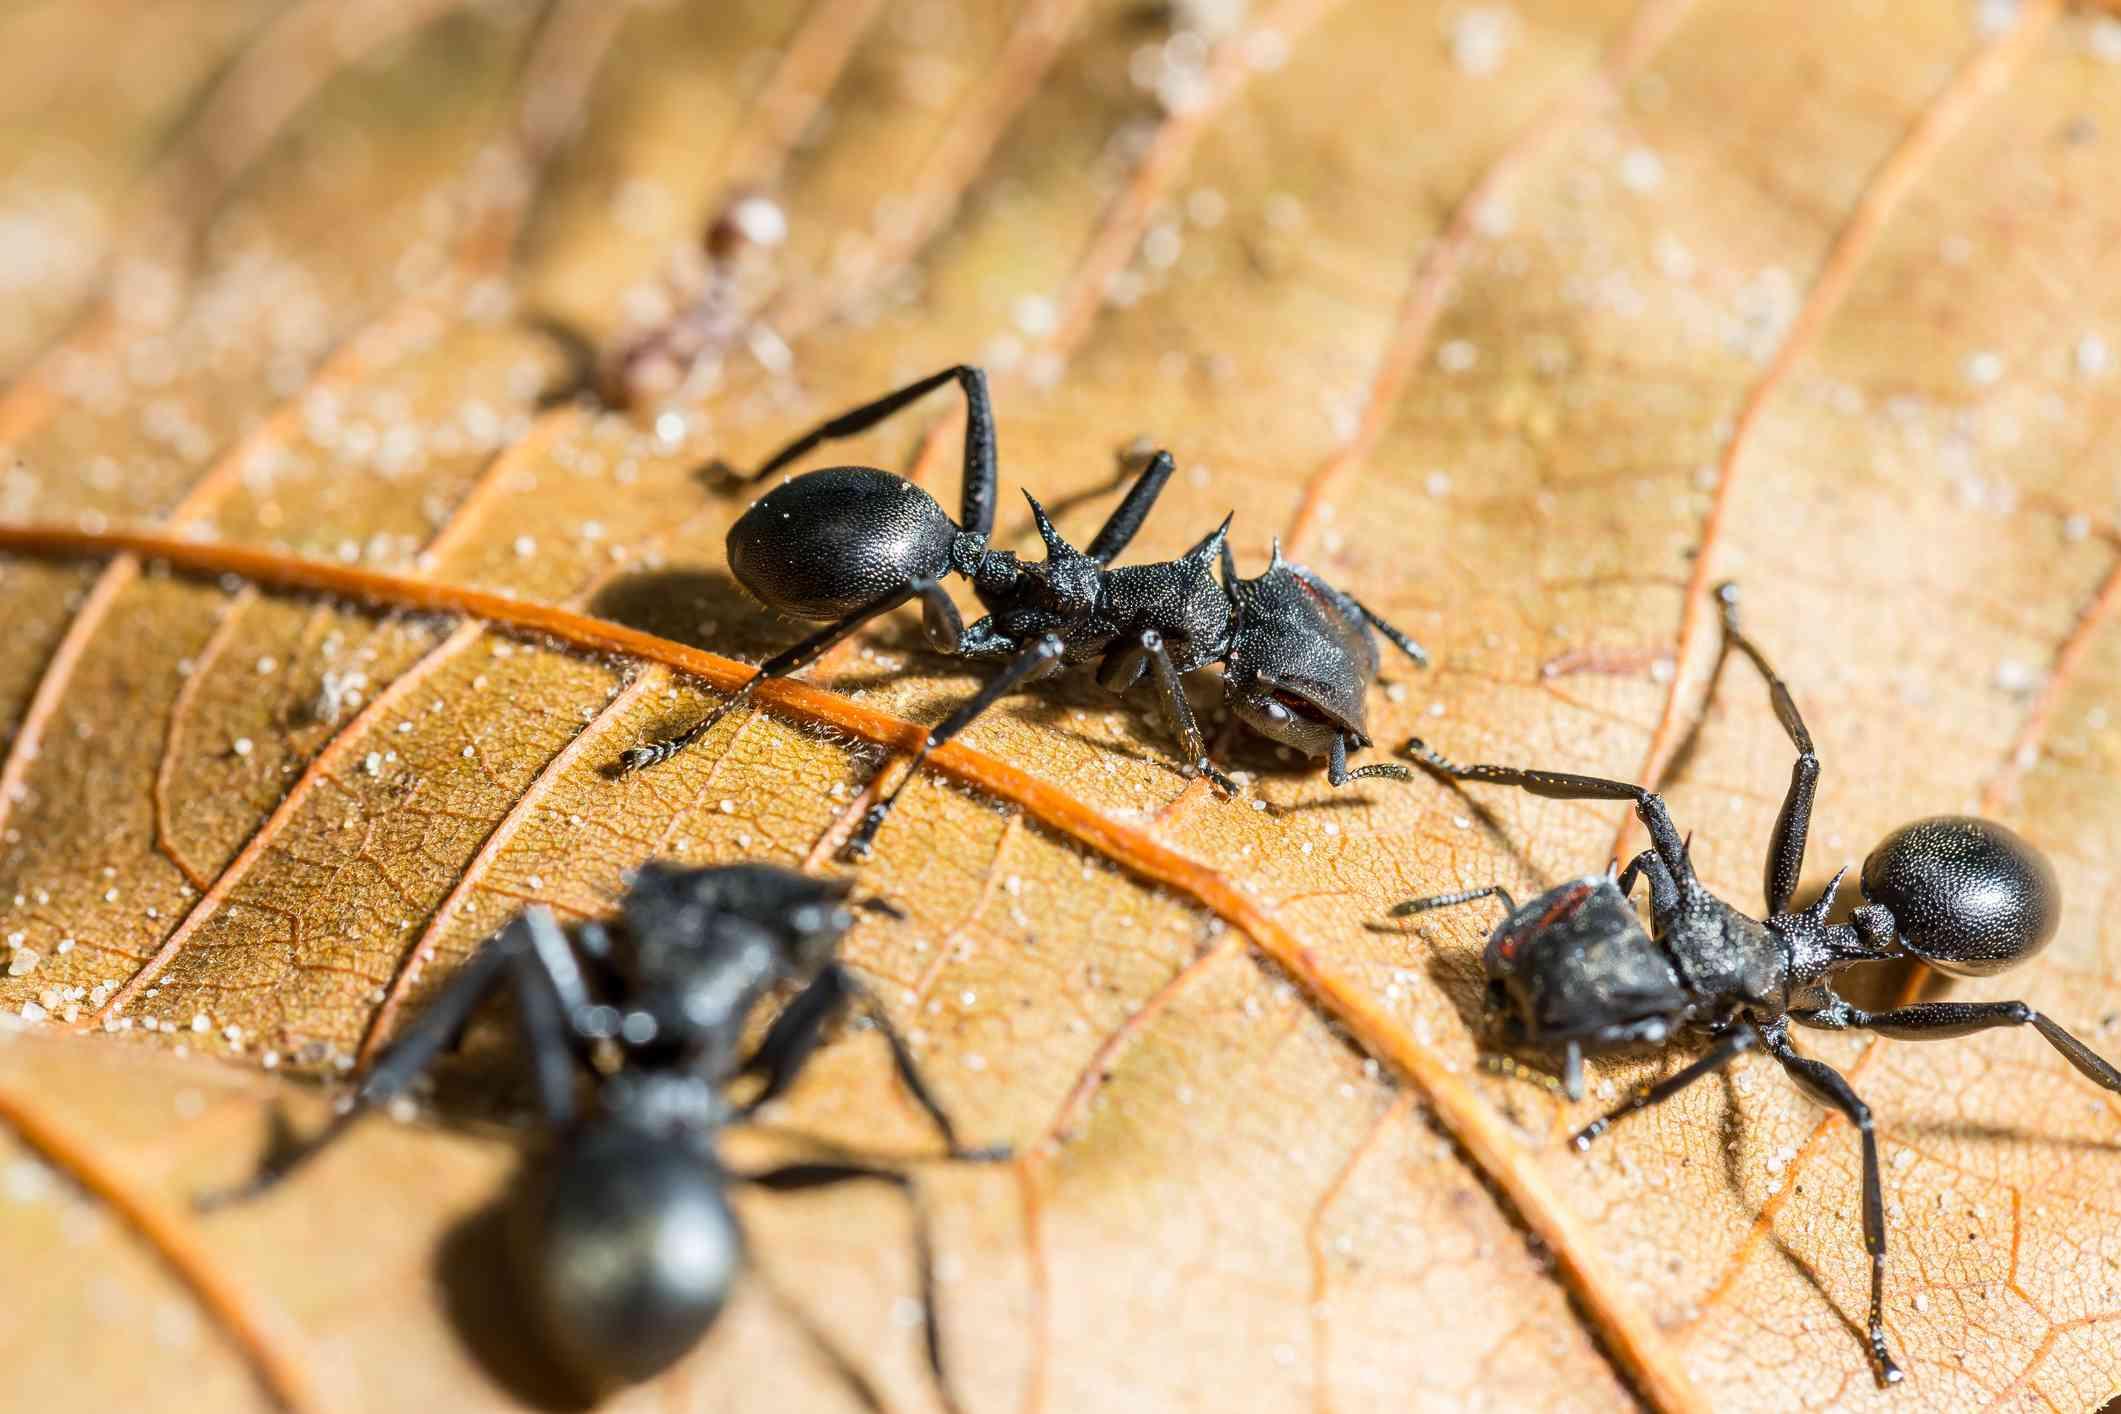 Three black bullet ants on a brown leaf